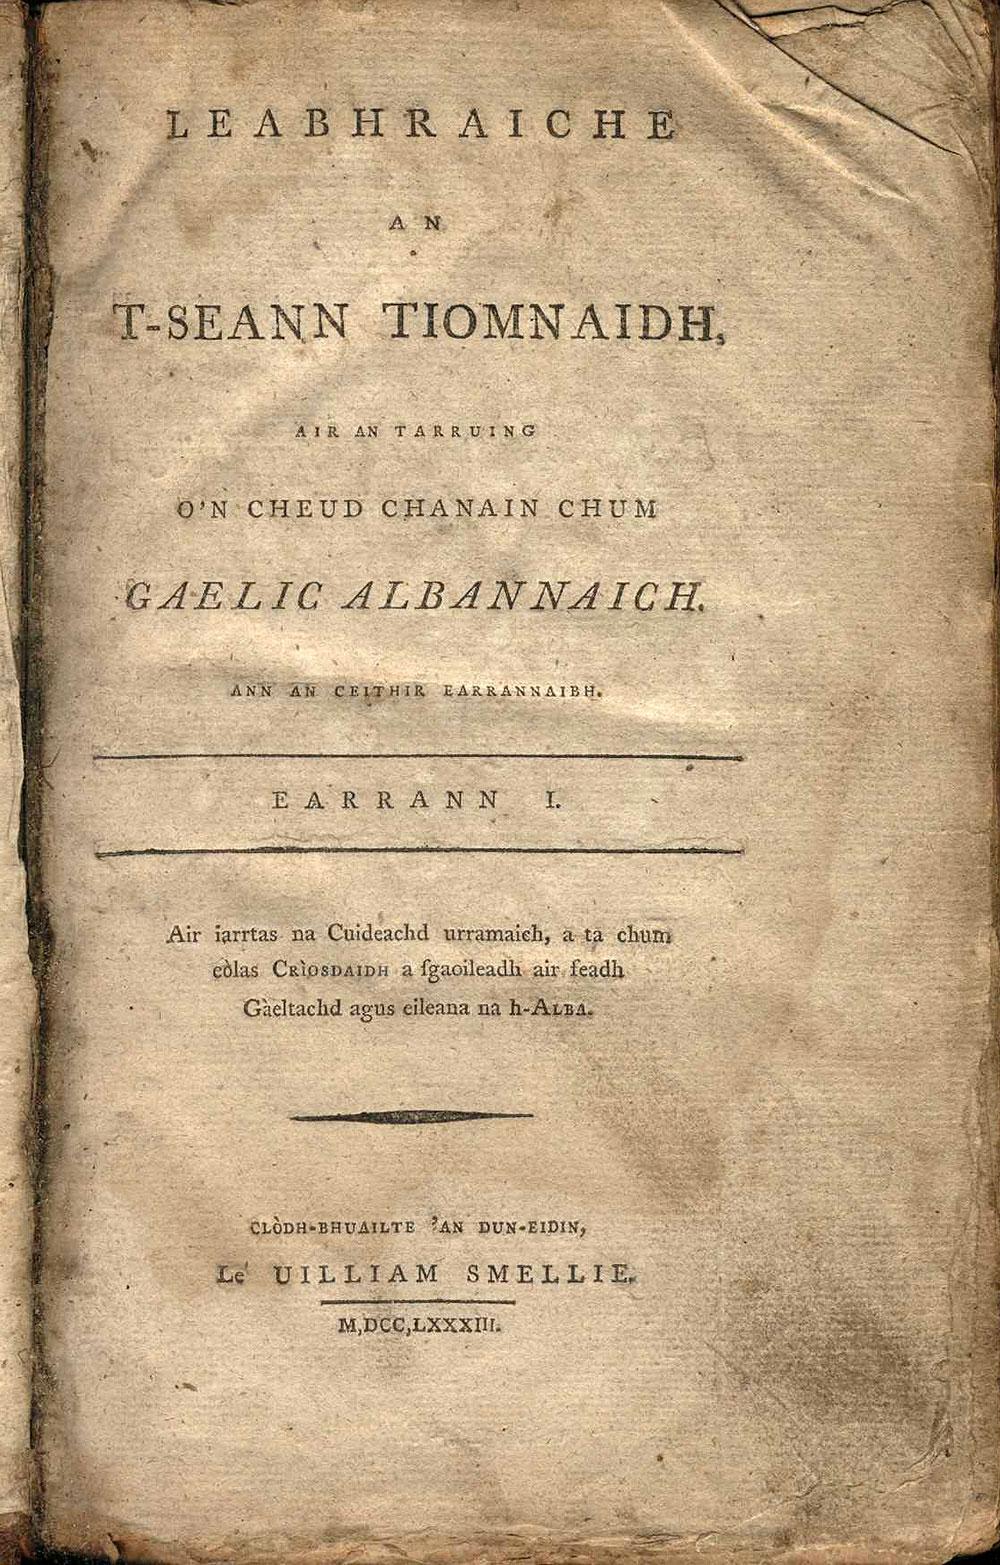 [Old Testament in Scottish Gaelic]. <em>Leabhraiche an t-Seann Tiomnaidh: air an tarruing o'n cheud chanain chum Gaelic Albannaich …</em> Clodh-bhuailte 'an Dun-Eidin [Edinburgh]: Le Uilliam Smellie, 1783.